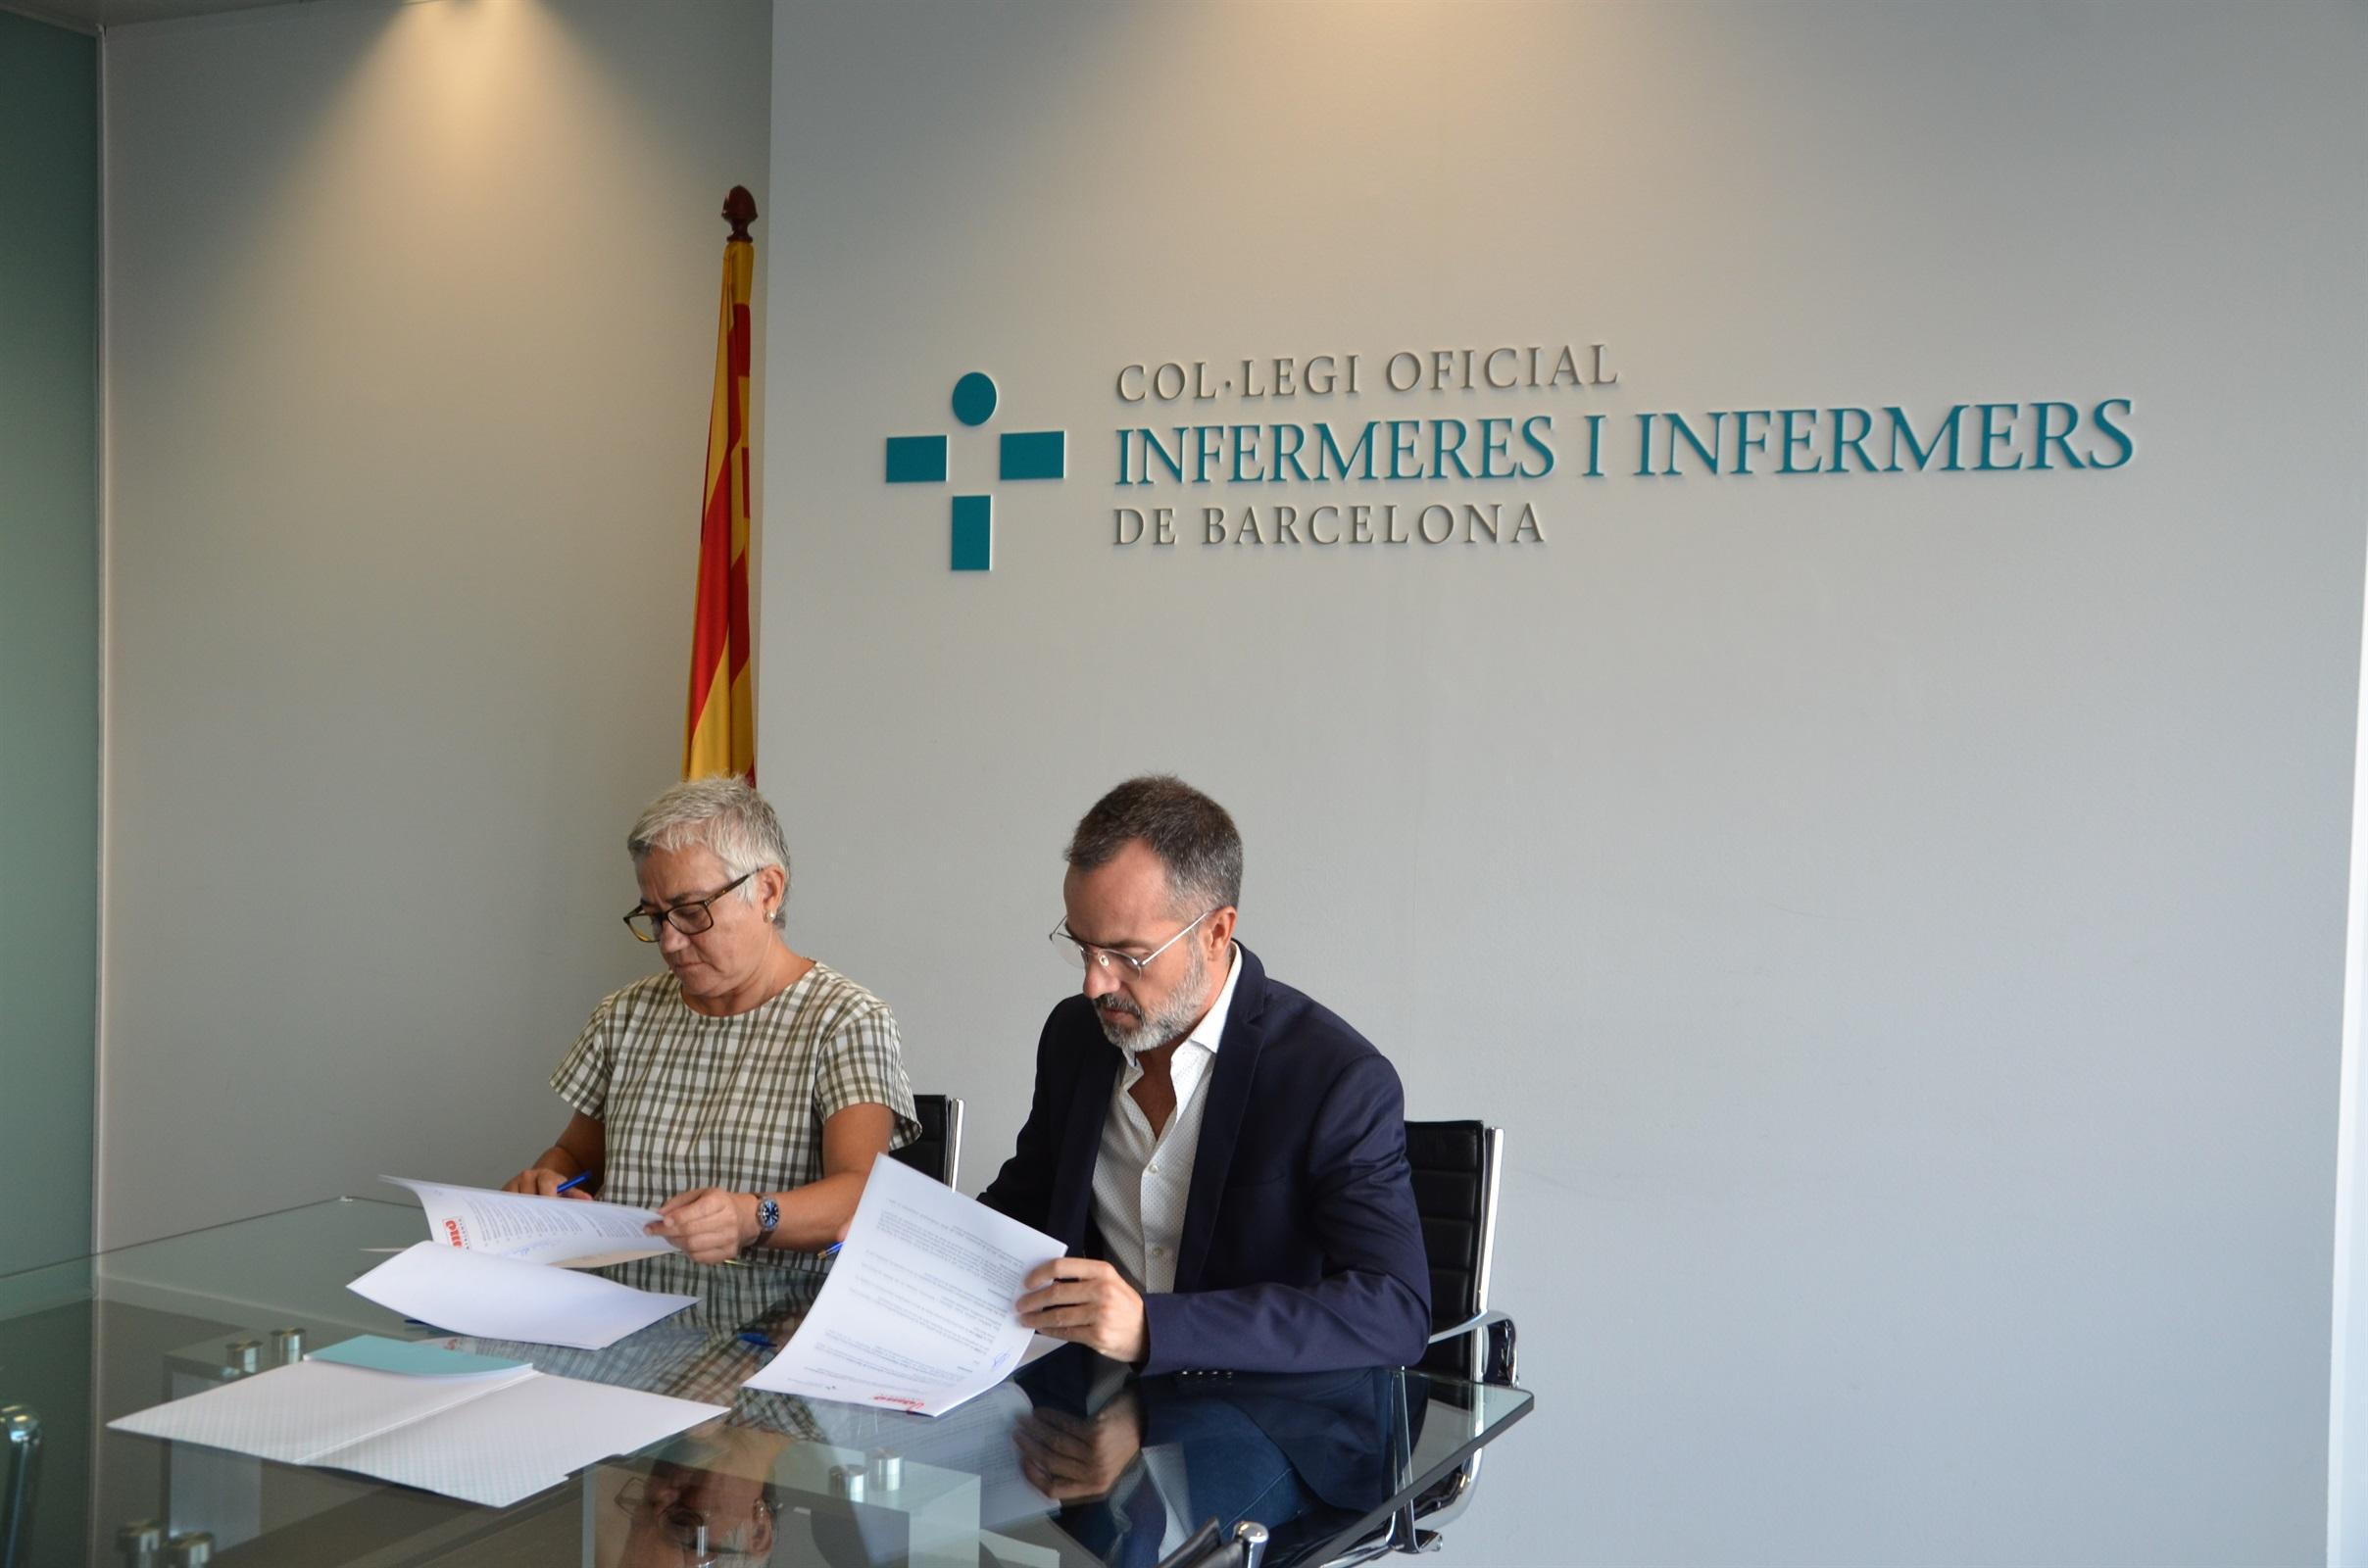 El COIB i DMD Cat uneixen esforços per potenciar el coneixement i la formació de les infermeres vinculades als processos de final de vida